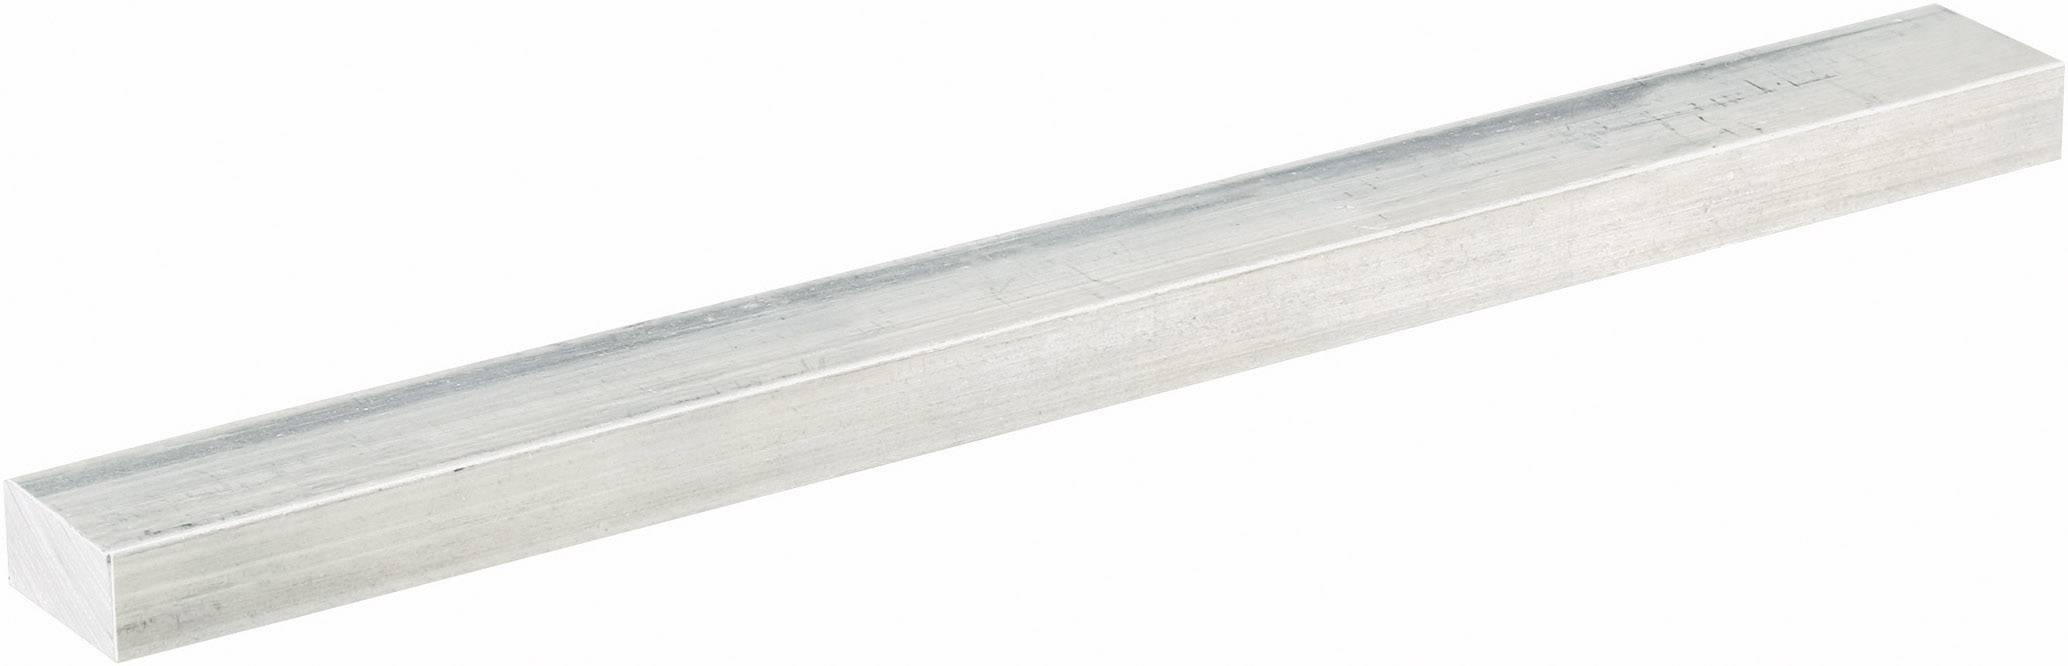 Plochý profil Reely 229812, (d x š x v) 200 x 20 x 10 mm, hliník